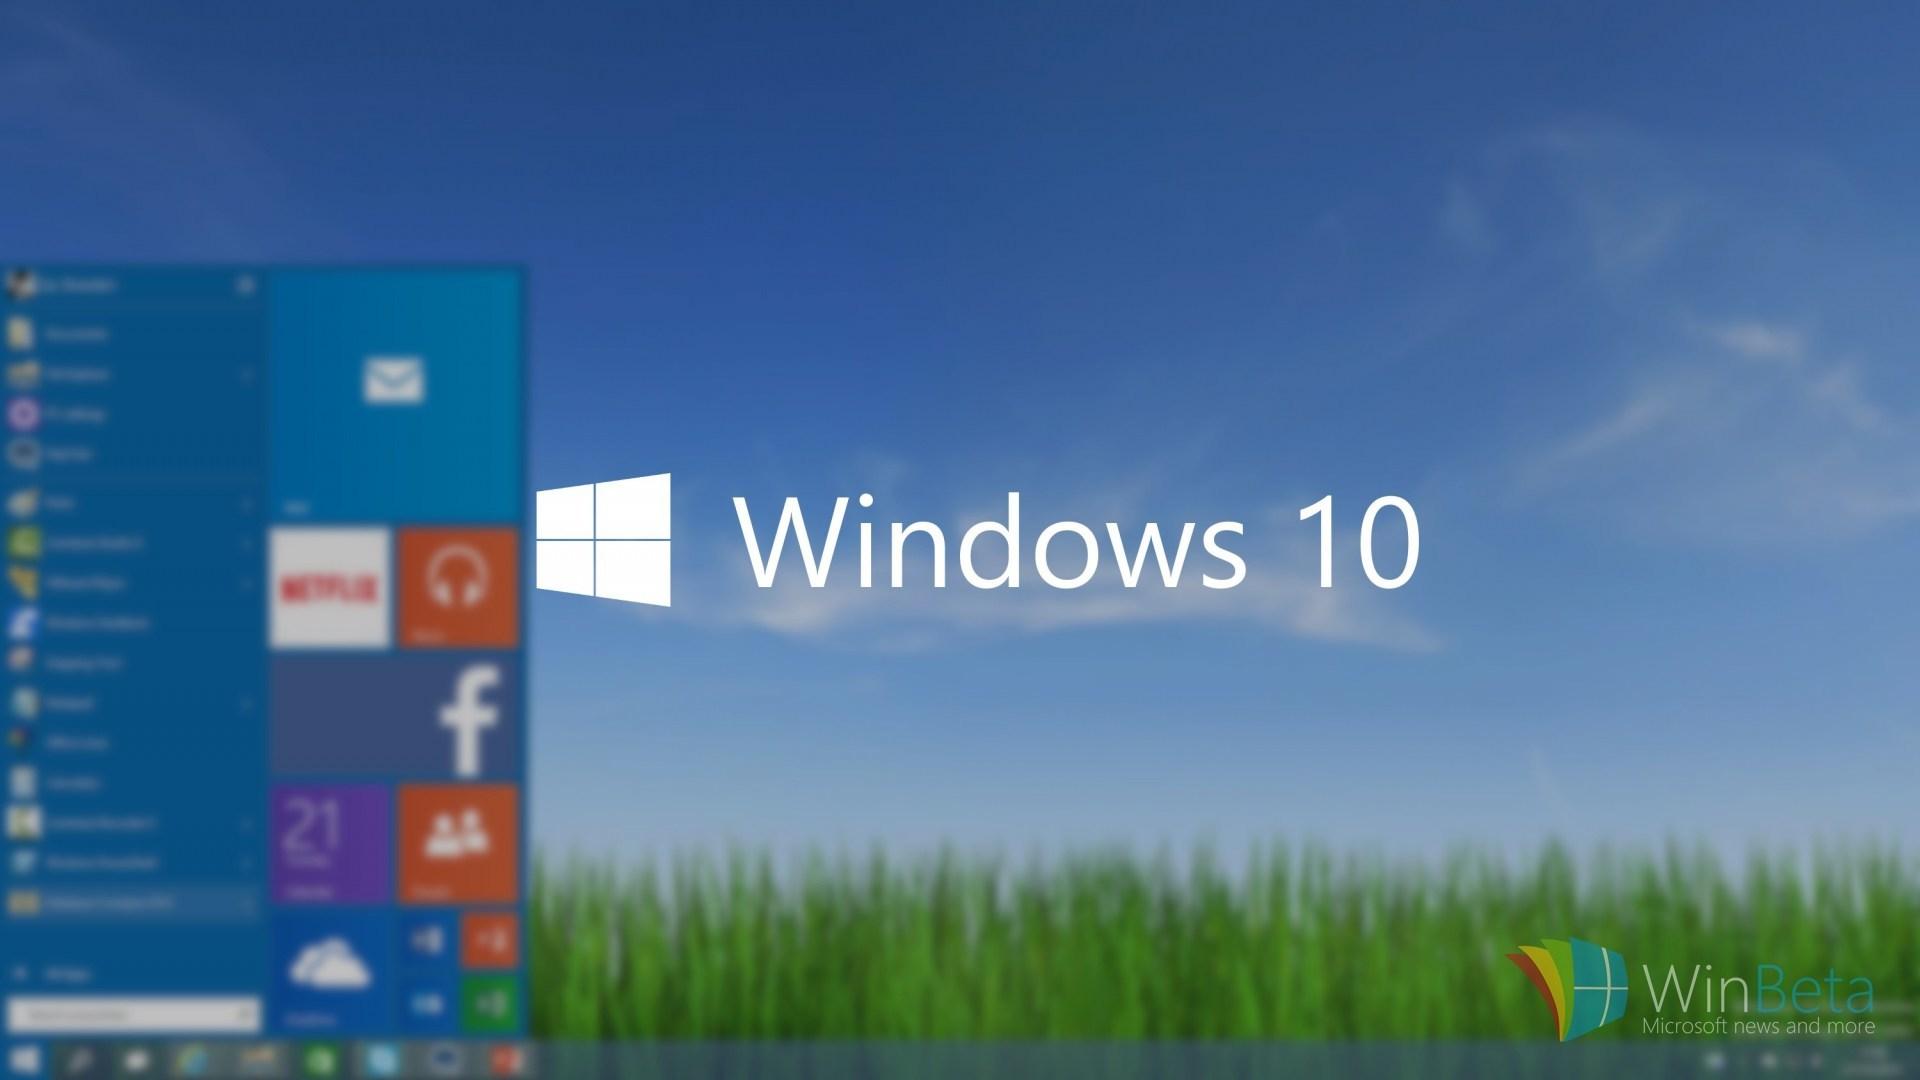 windows 10 keeps bringing in more new people 2015